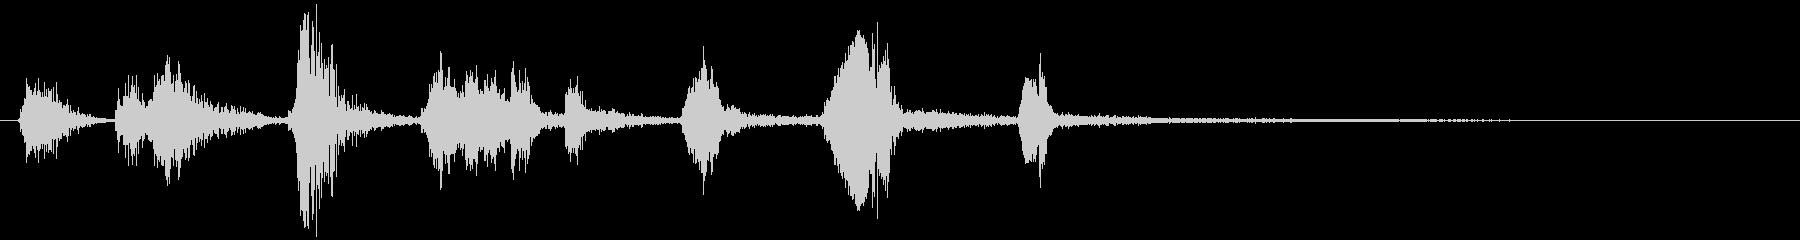 モンスターの鳴き声(水棲系2)の未再生の波形